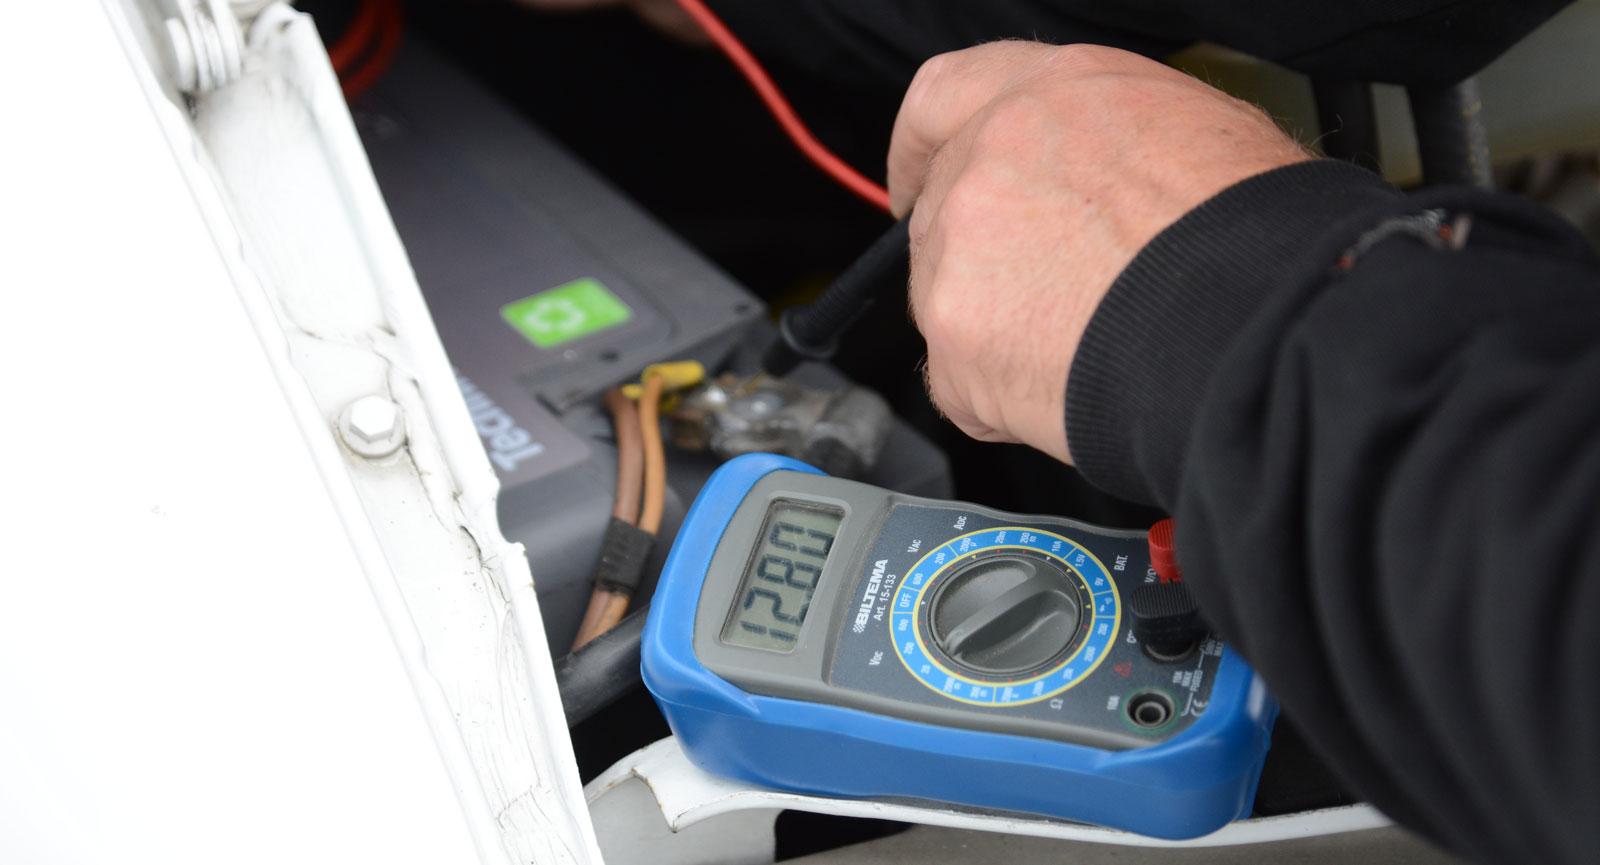 Kontrollera att batteristatusen är okej. En extern batteritestare fungerar ypperligt.